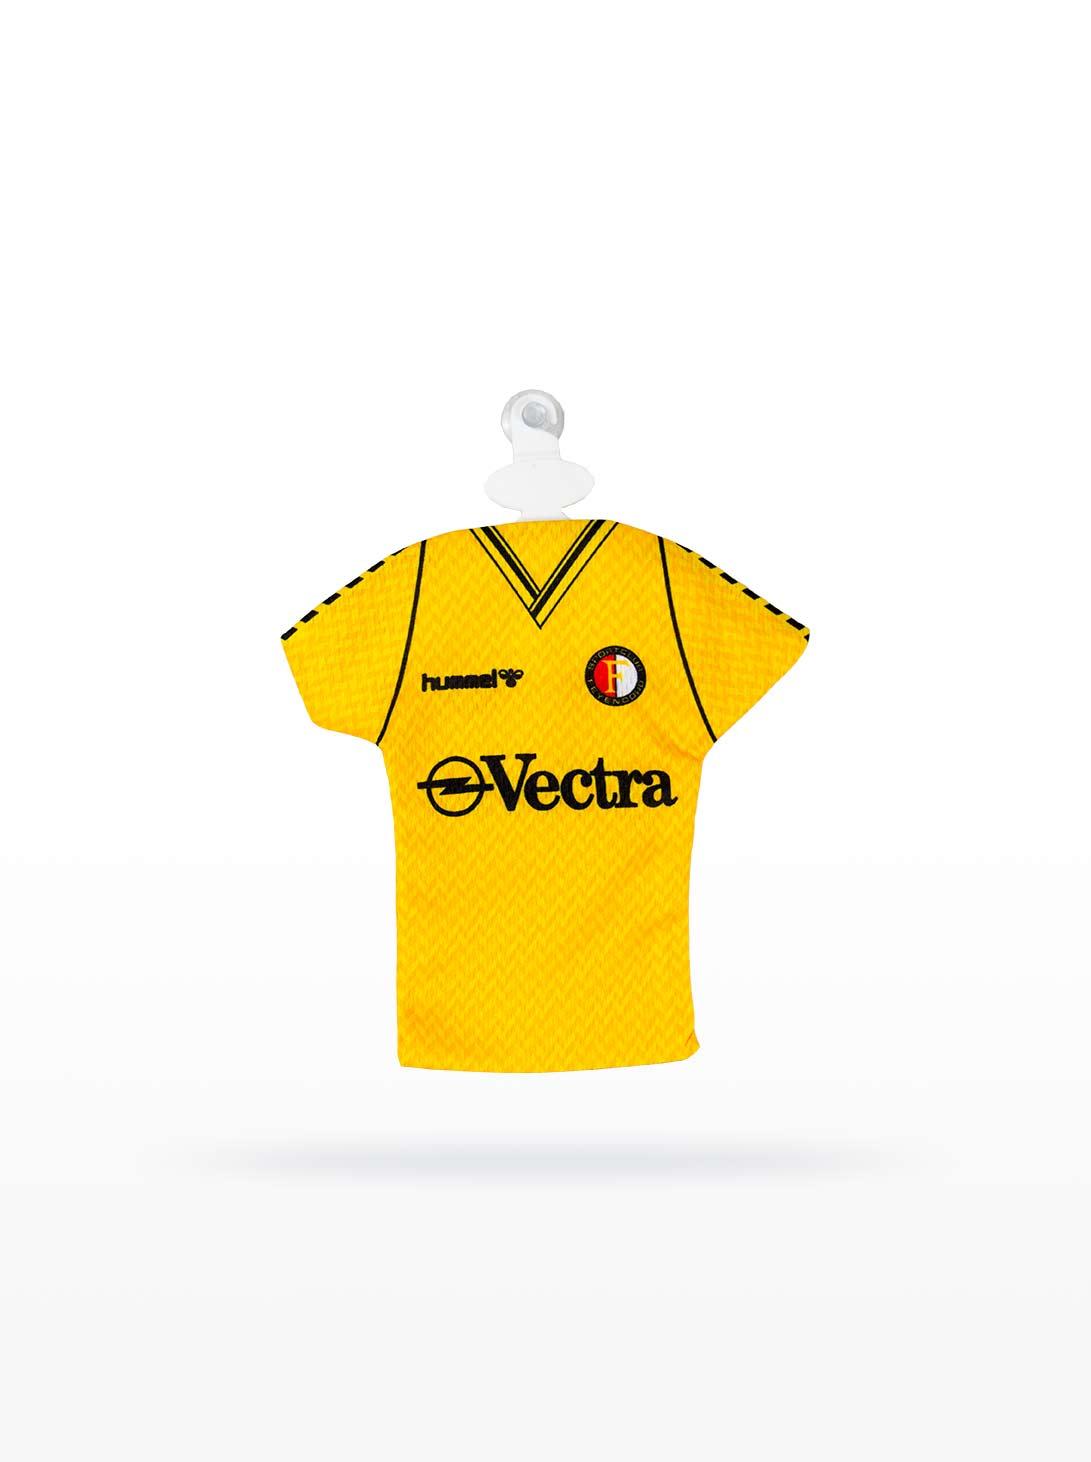 Feyenoord Retro Minidress - 1988 - 1989, Uitshirt, Vectra